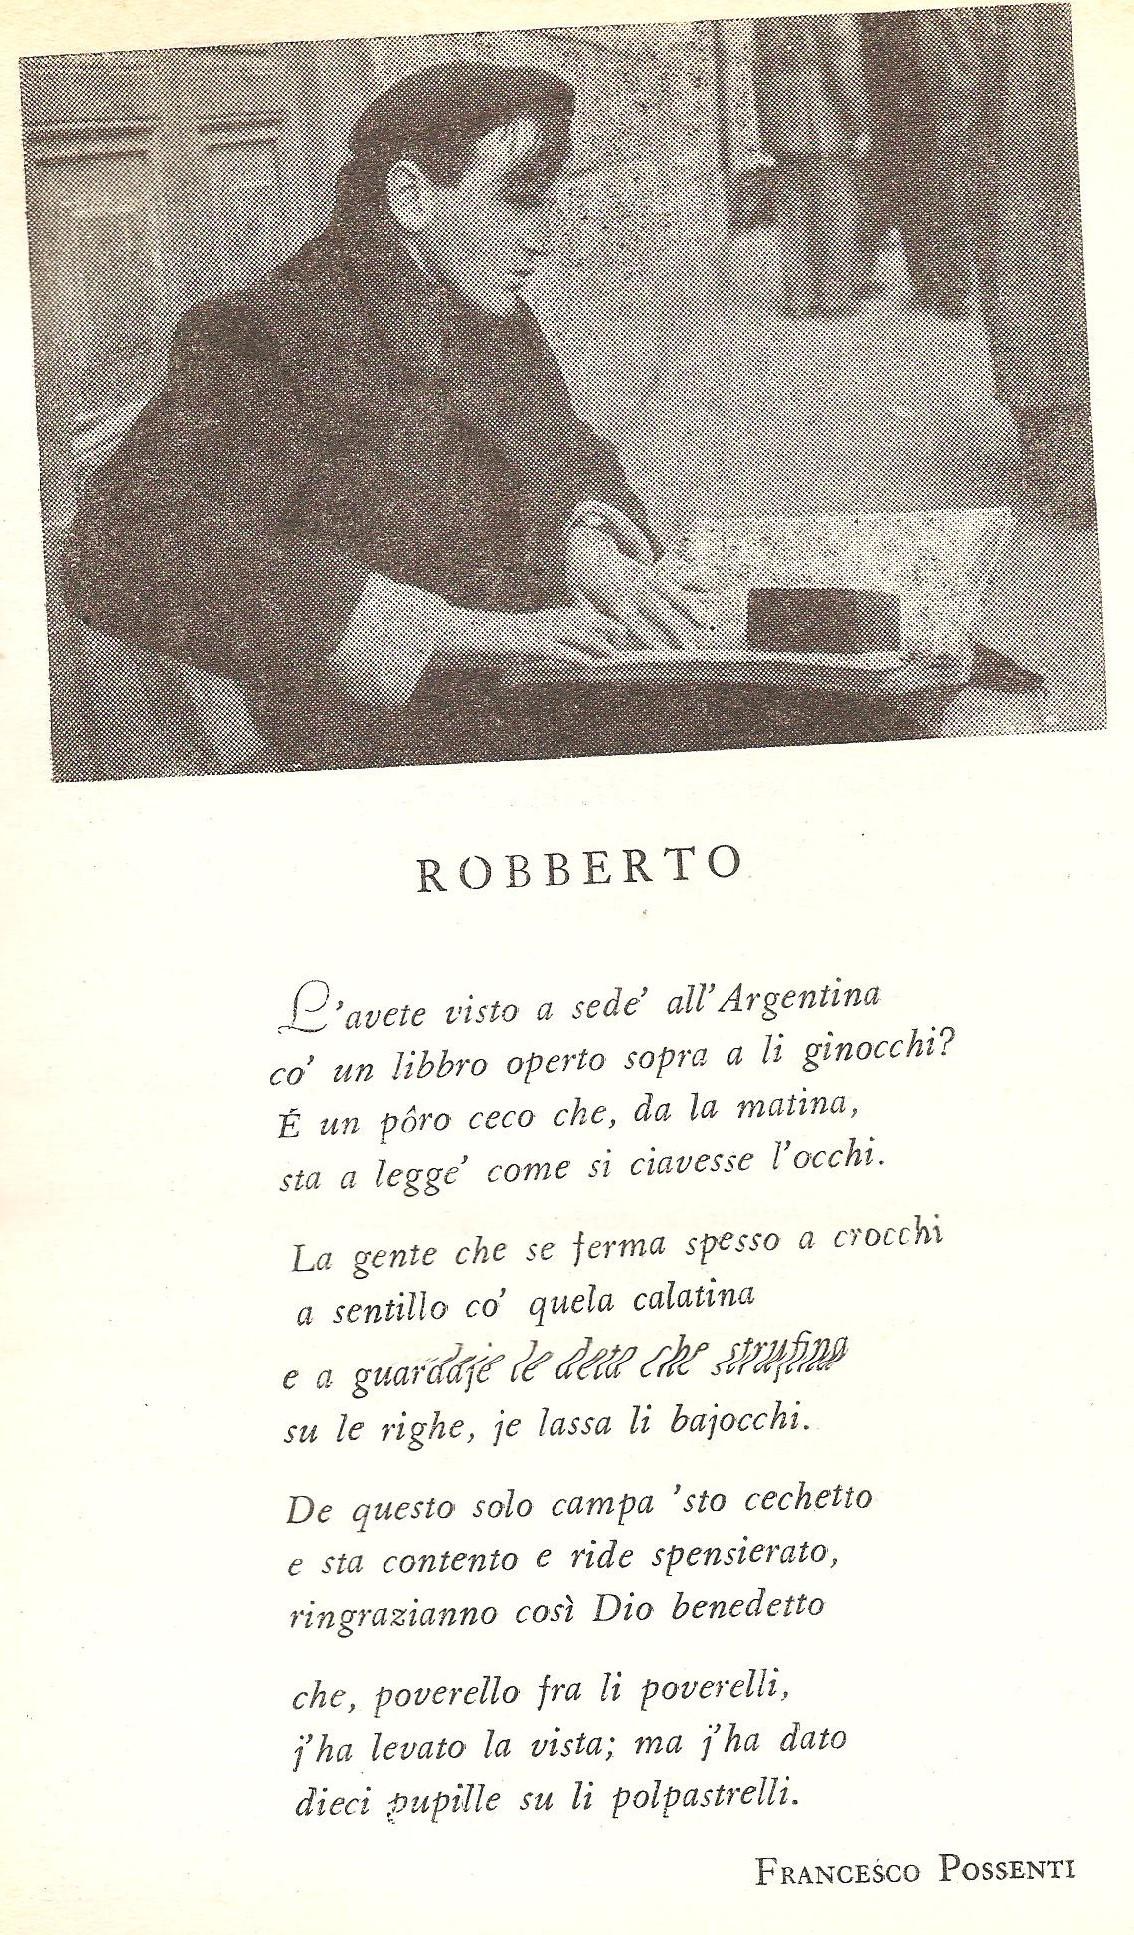 Robberto